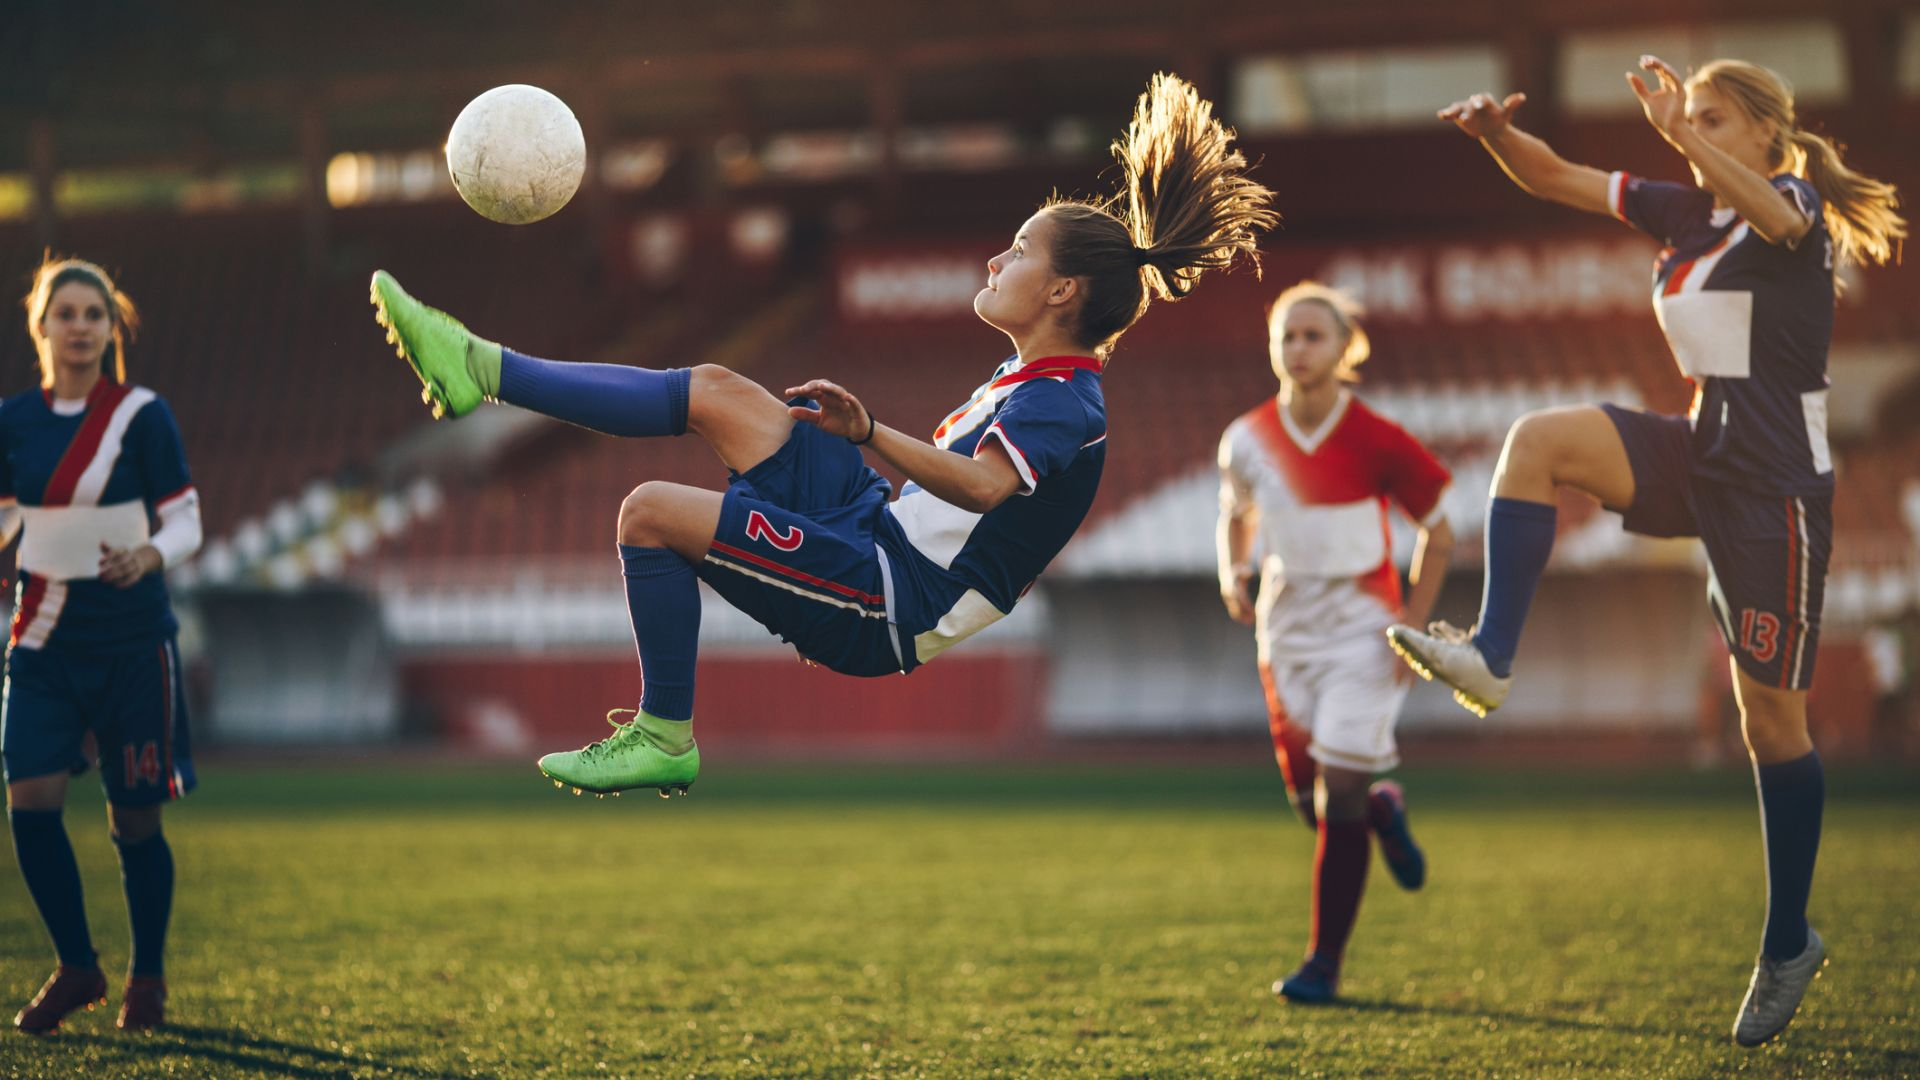 Спортът е особено полезен за момичетата